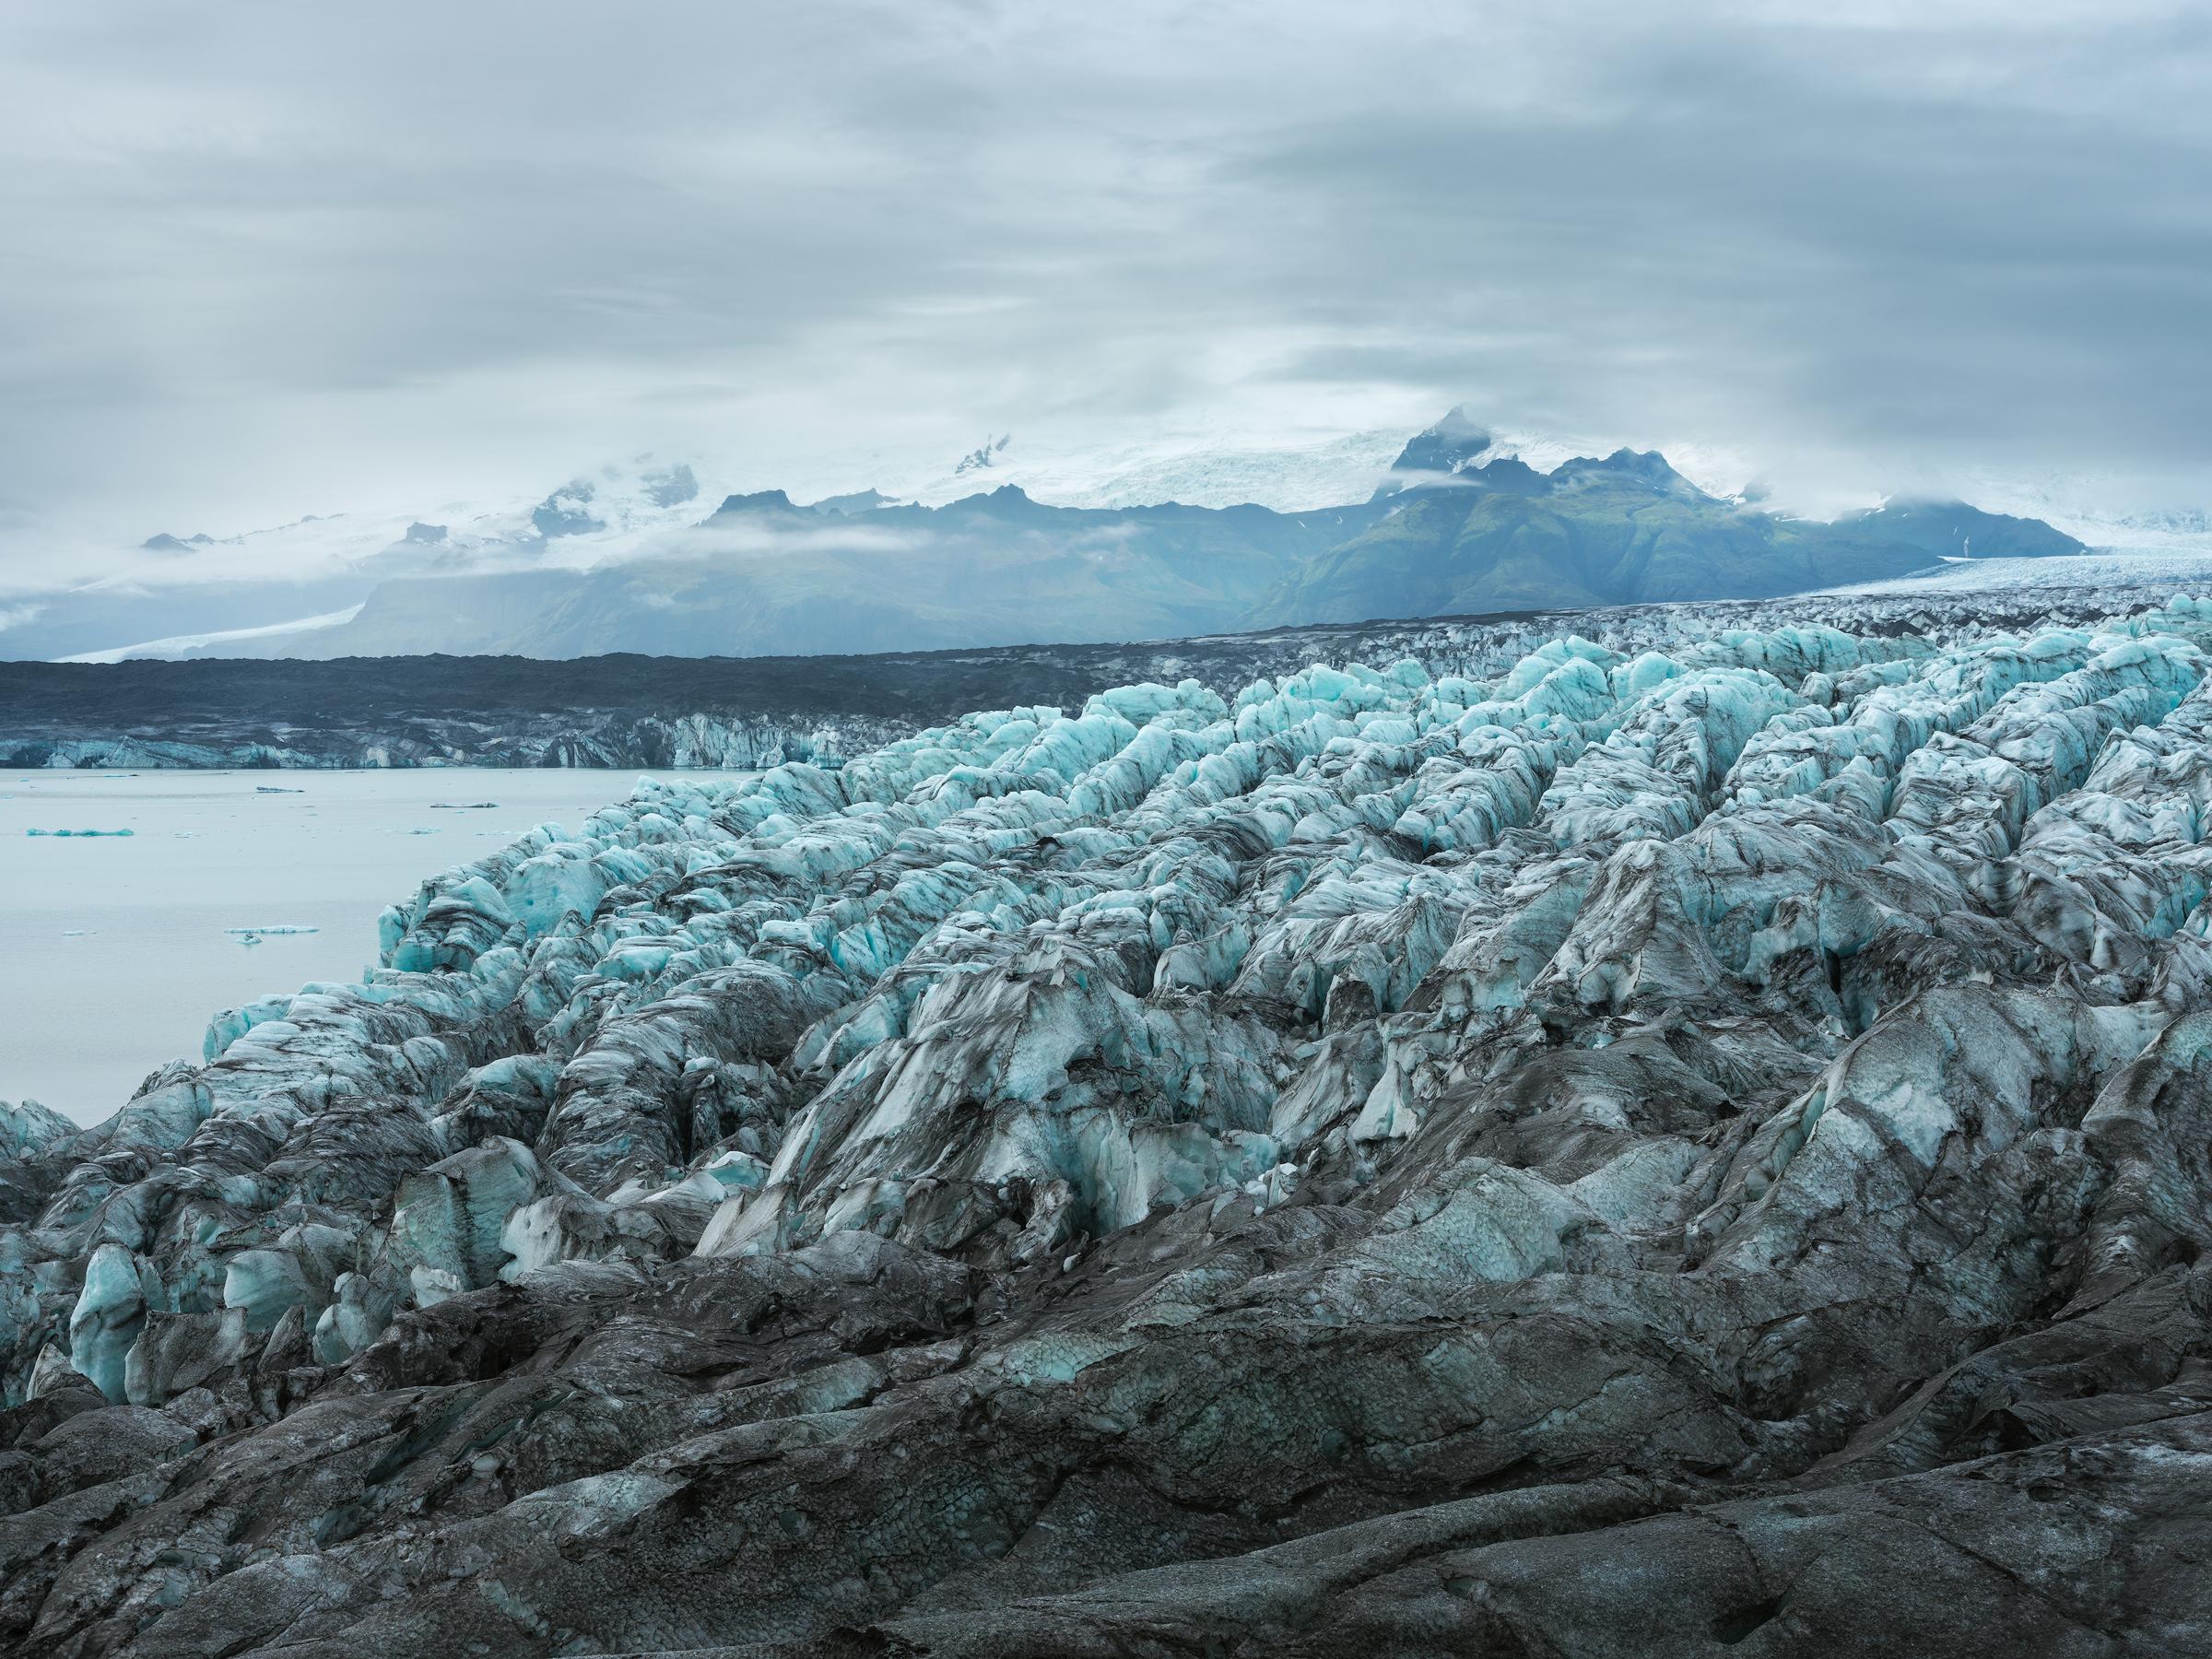 Blue-green seracs form the tongue of Breiðamerkurjökull.